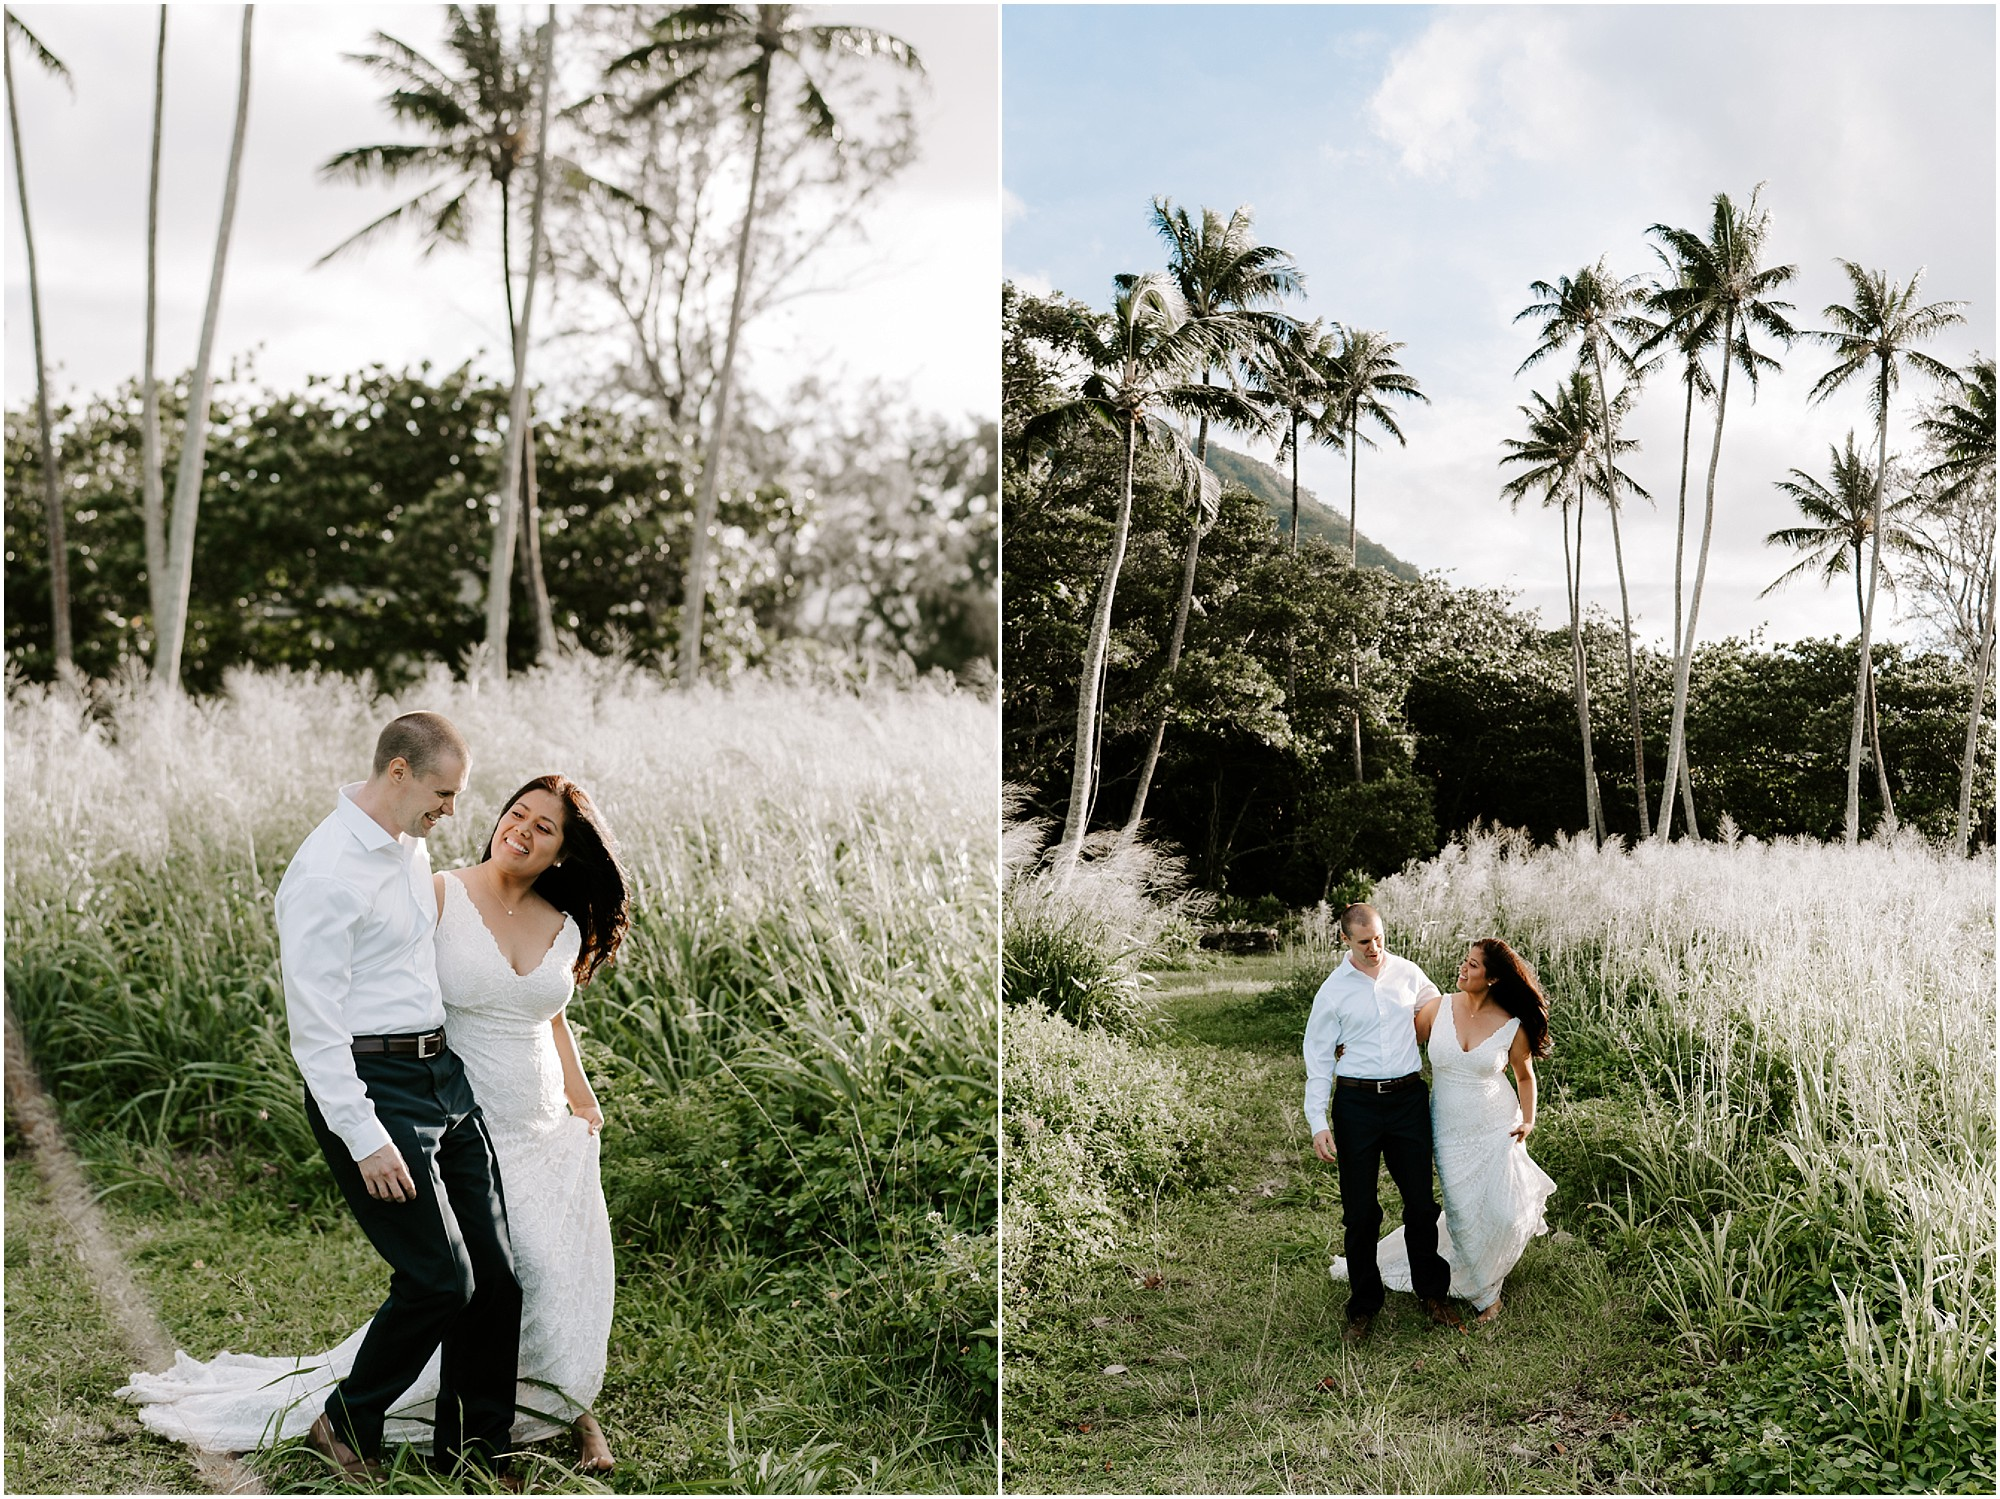 oahu-intimate-bridal-adventure-session_0003.jpg